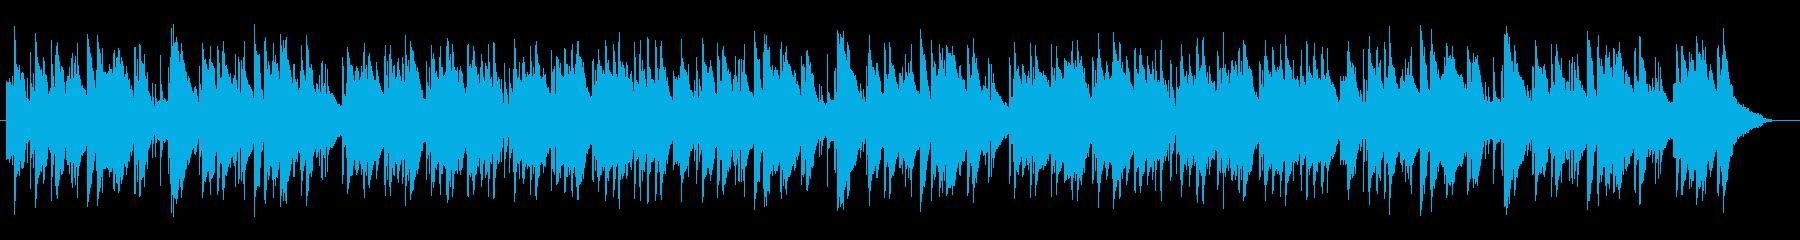 ピアノとパーカッションの温かみのある曲の再生済みの波形